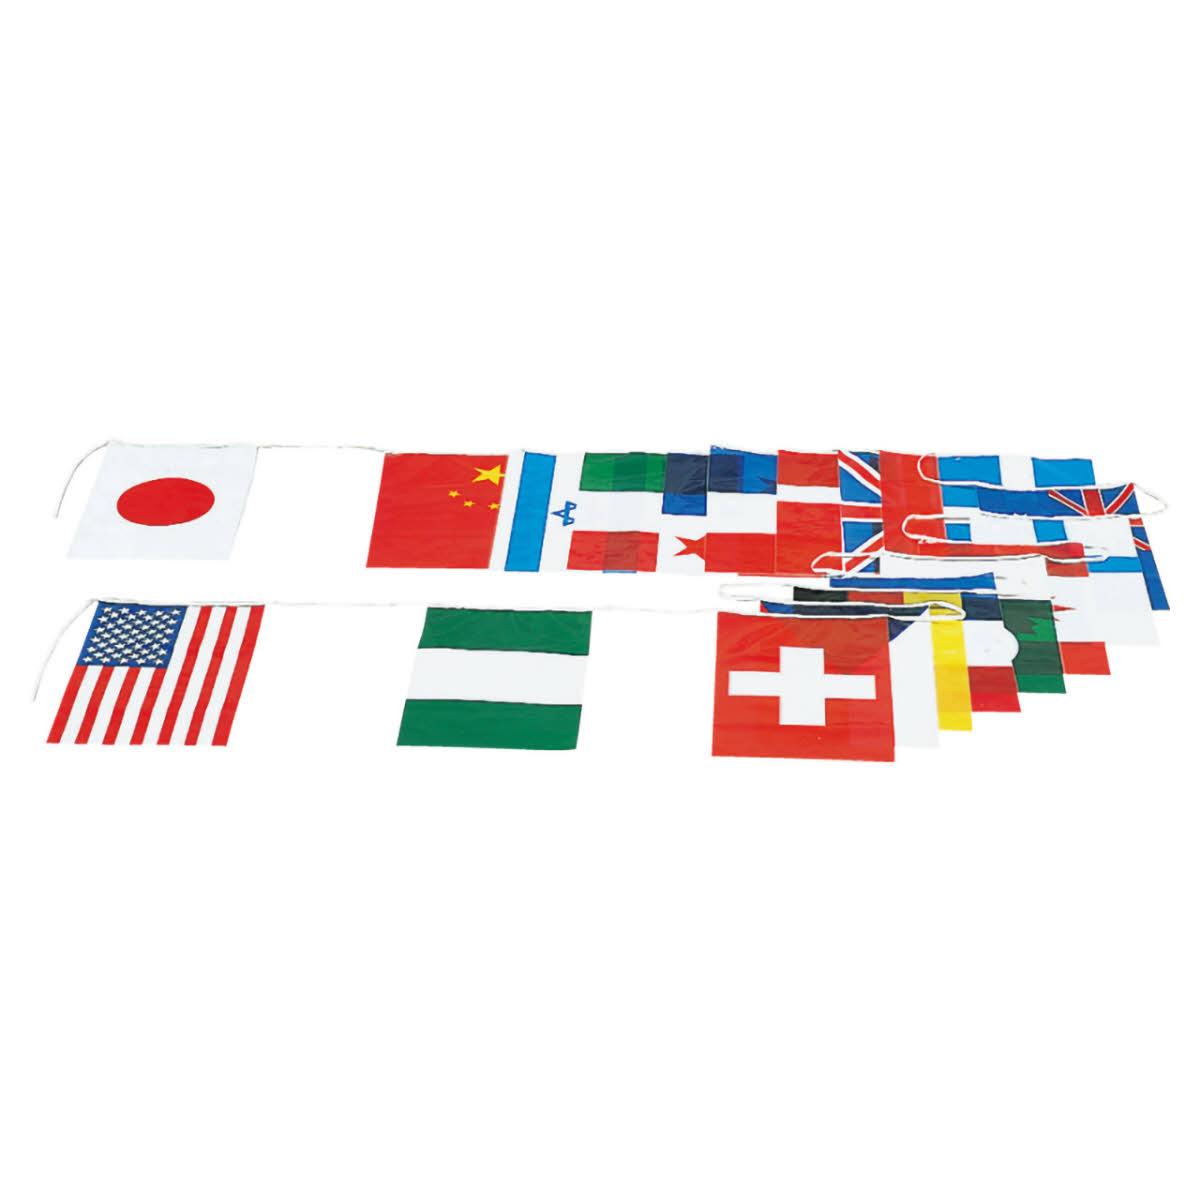 EVERNEW エバニュー 万国旗 P 運動会用品 xa-eka383 連結式 人気商品 国旗 正規店 20ヶ国セット